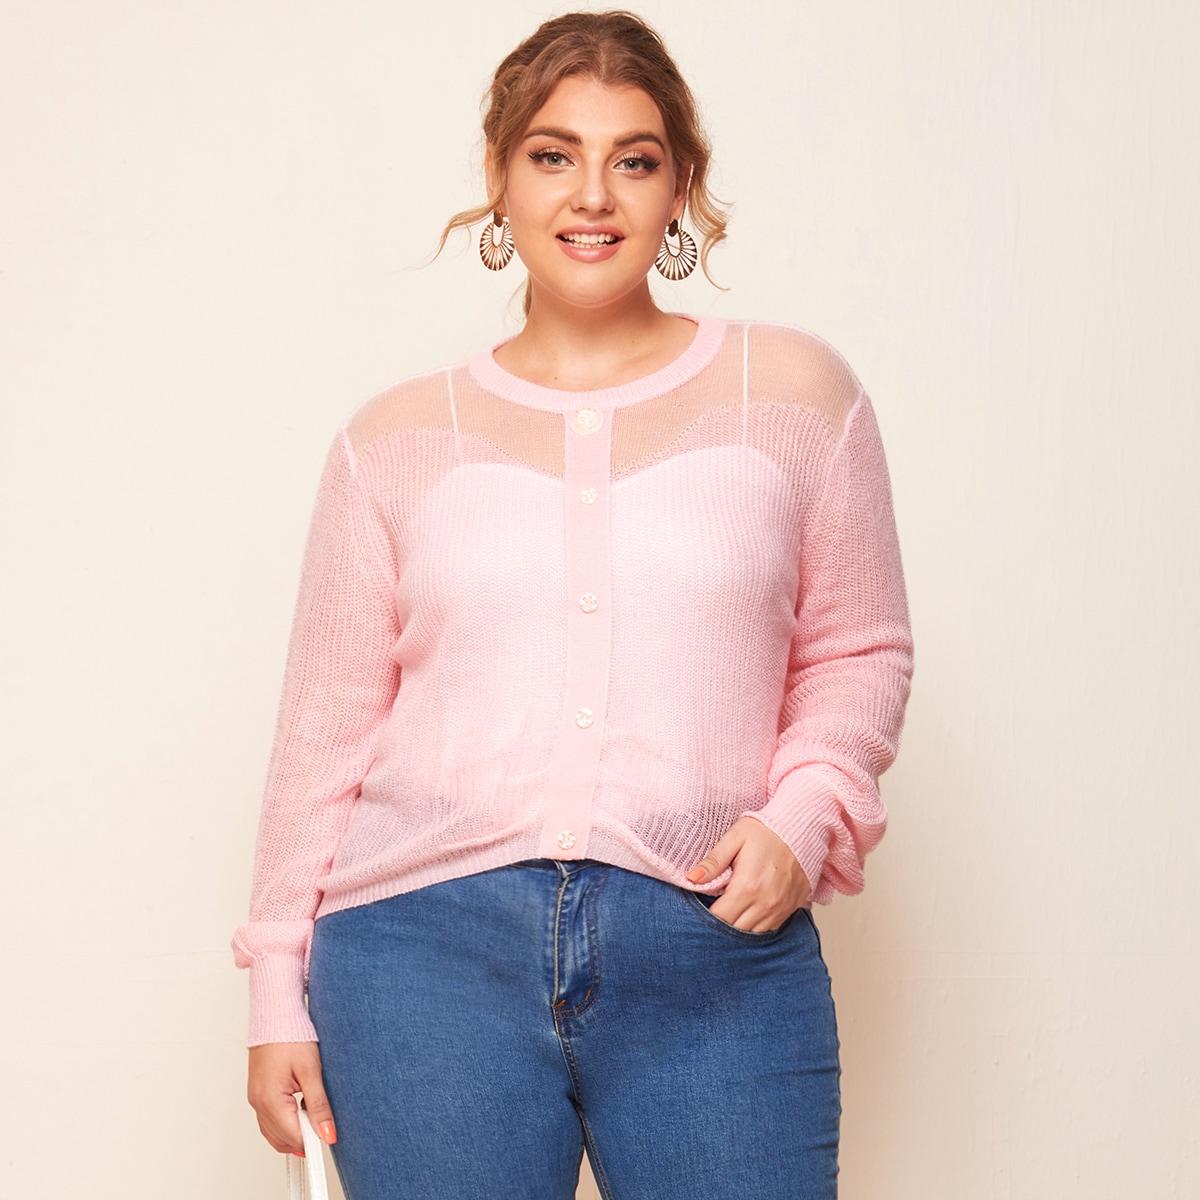 Прозрачный свитер размера плюс с пуговицами без майки